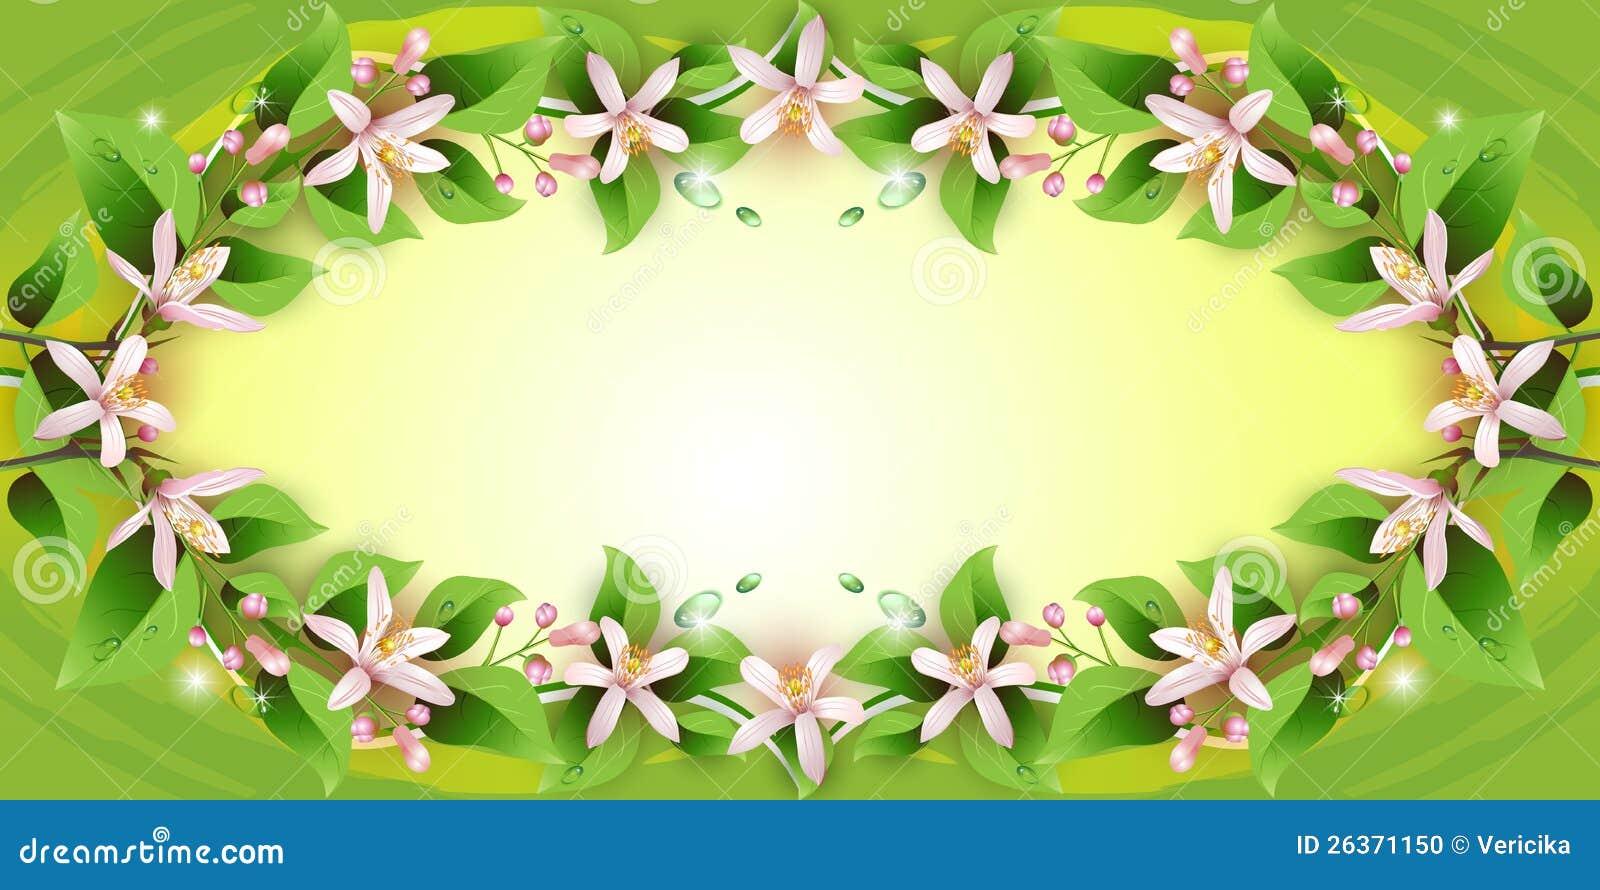 Hintergrund mit empfindlichen Blumen